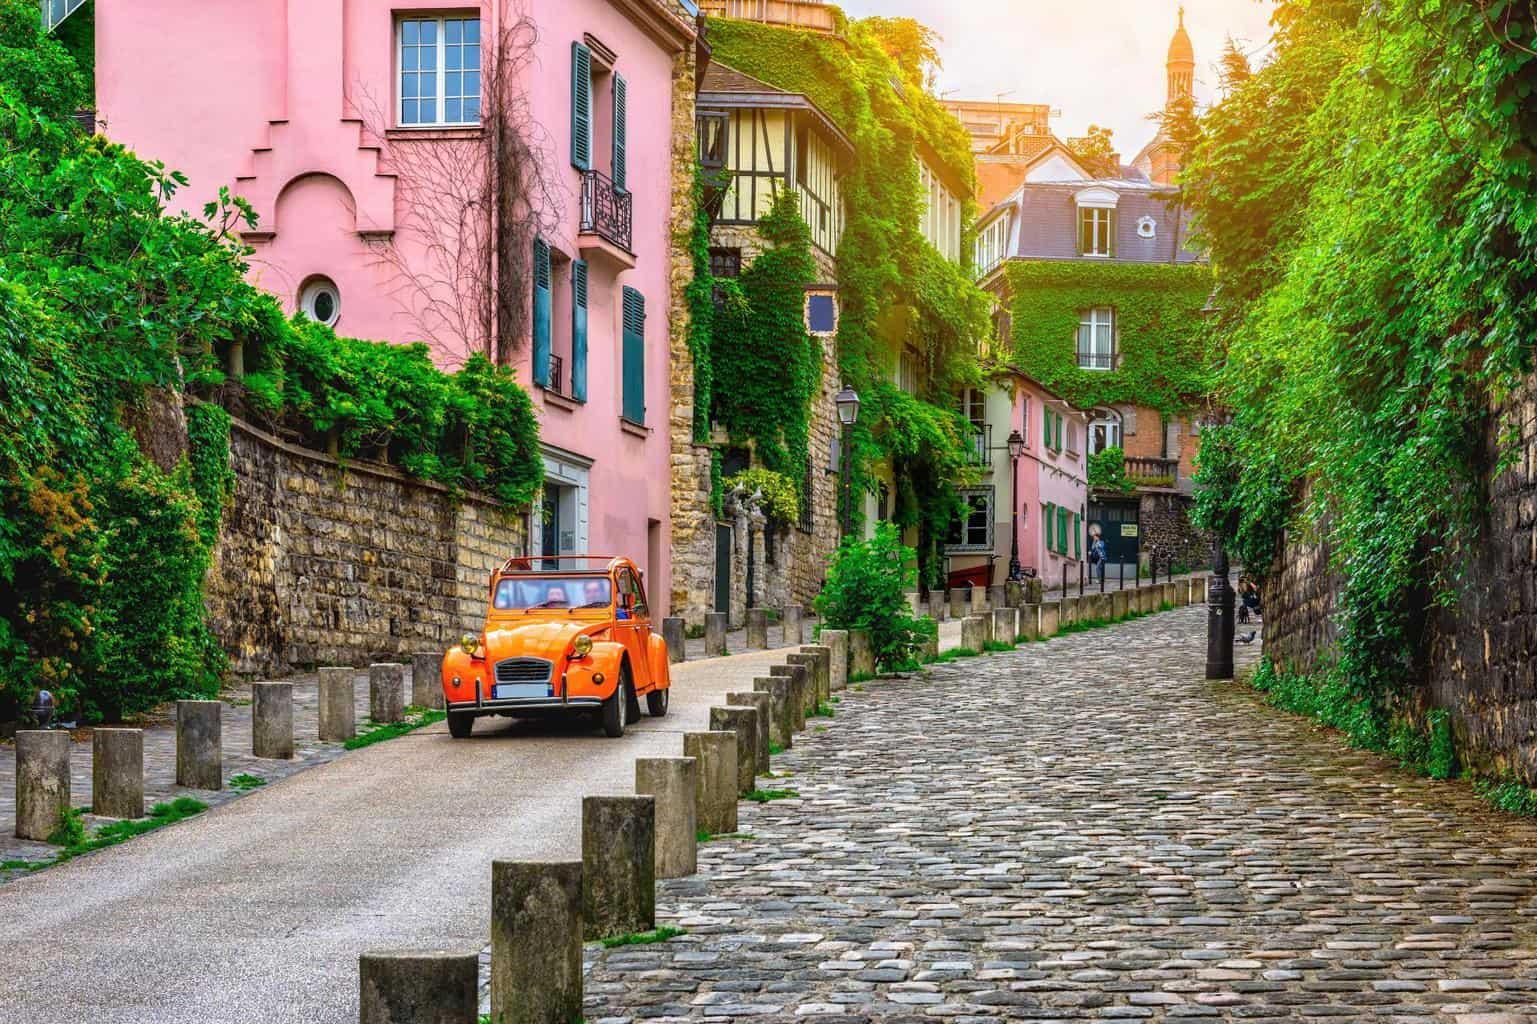 Frankreich reduziert Umweltbonus und will Strafsteuer für Spritschlucker massiv erhöhen